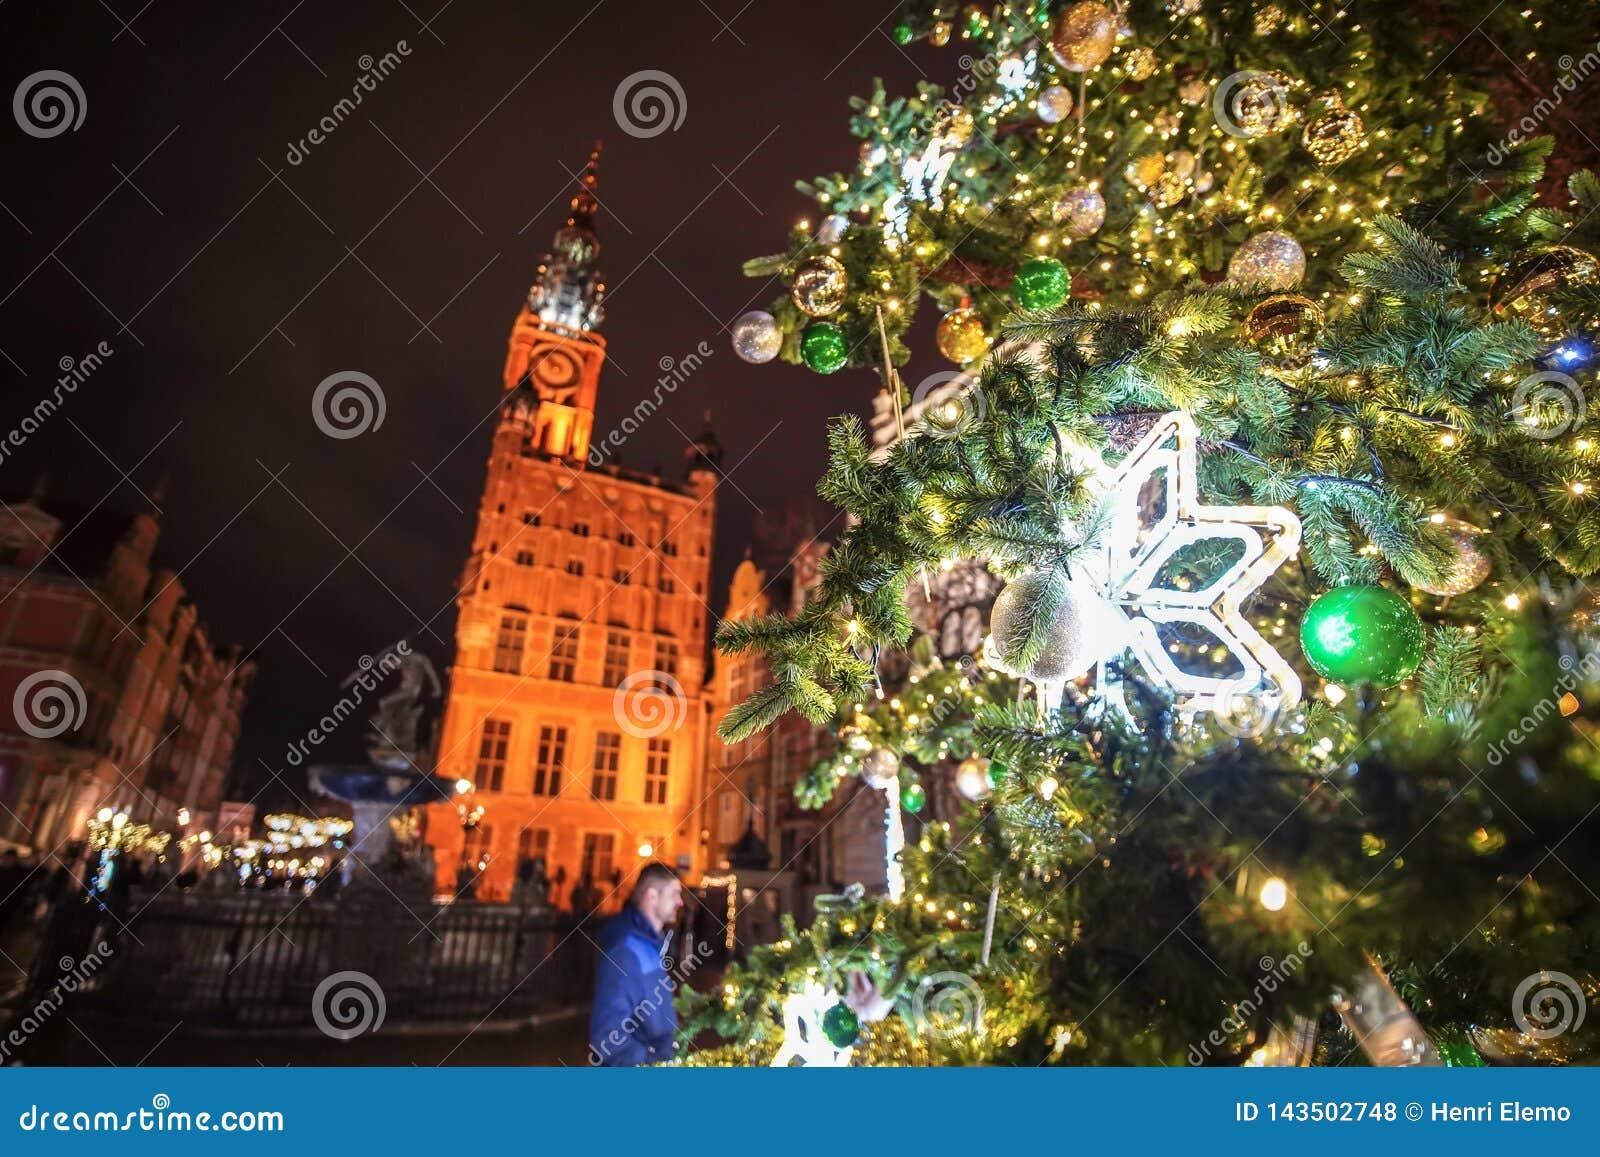 Danzig, Pologne - 13 décembre 2018 : Décorations de Noël dans la vieille ville de Danzig, Pologne